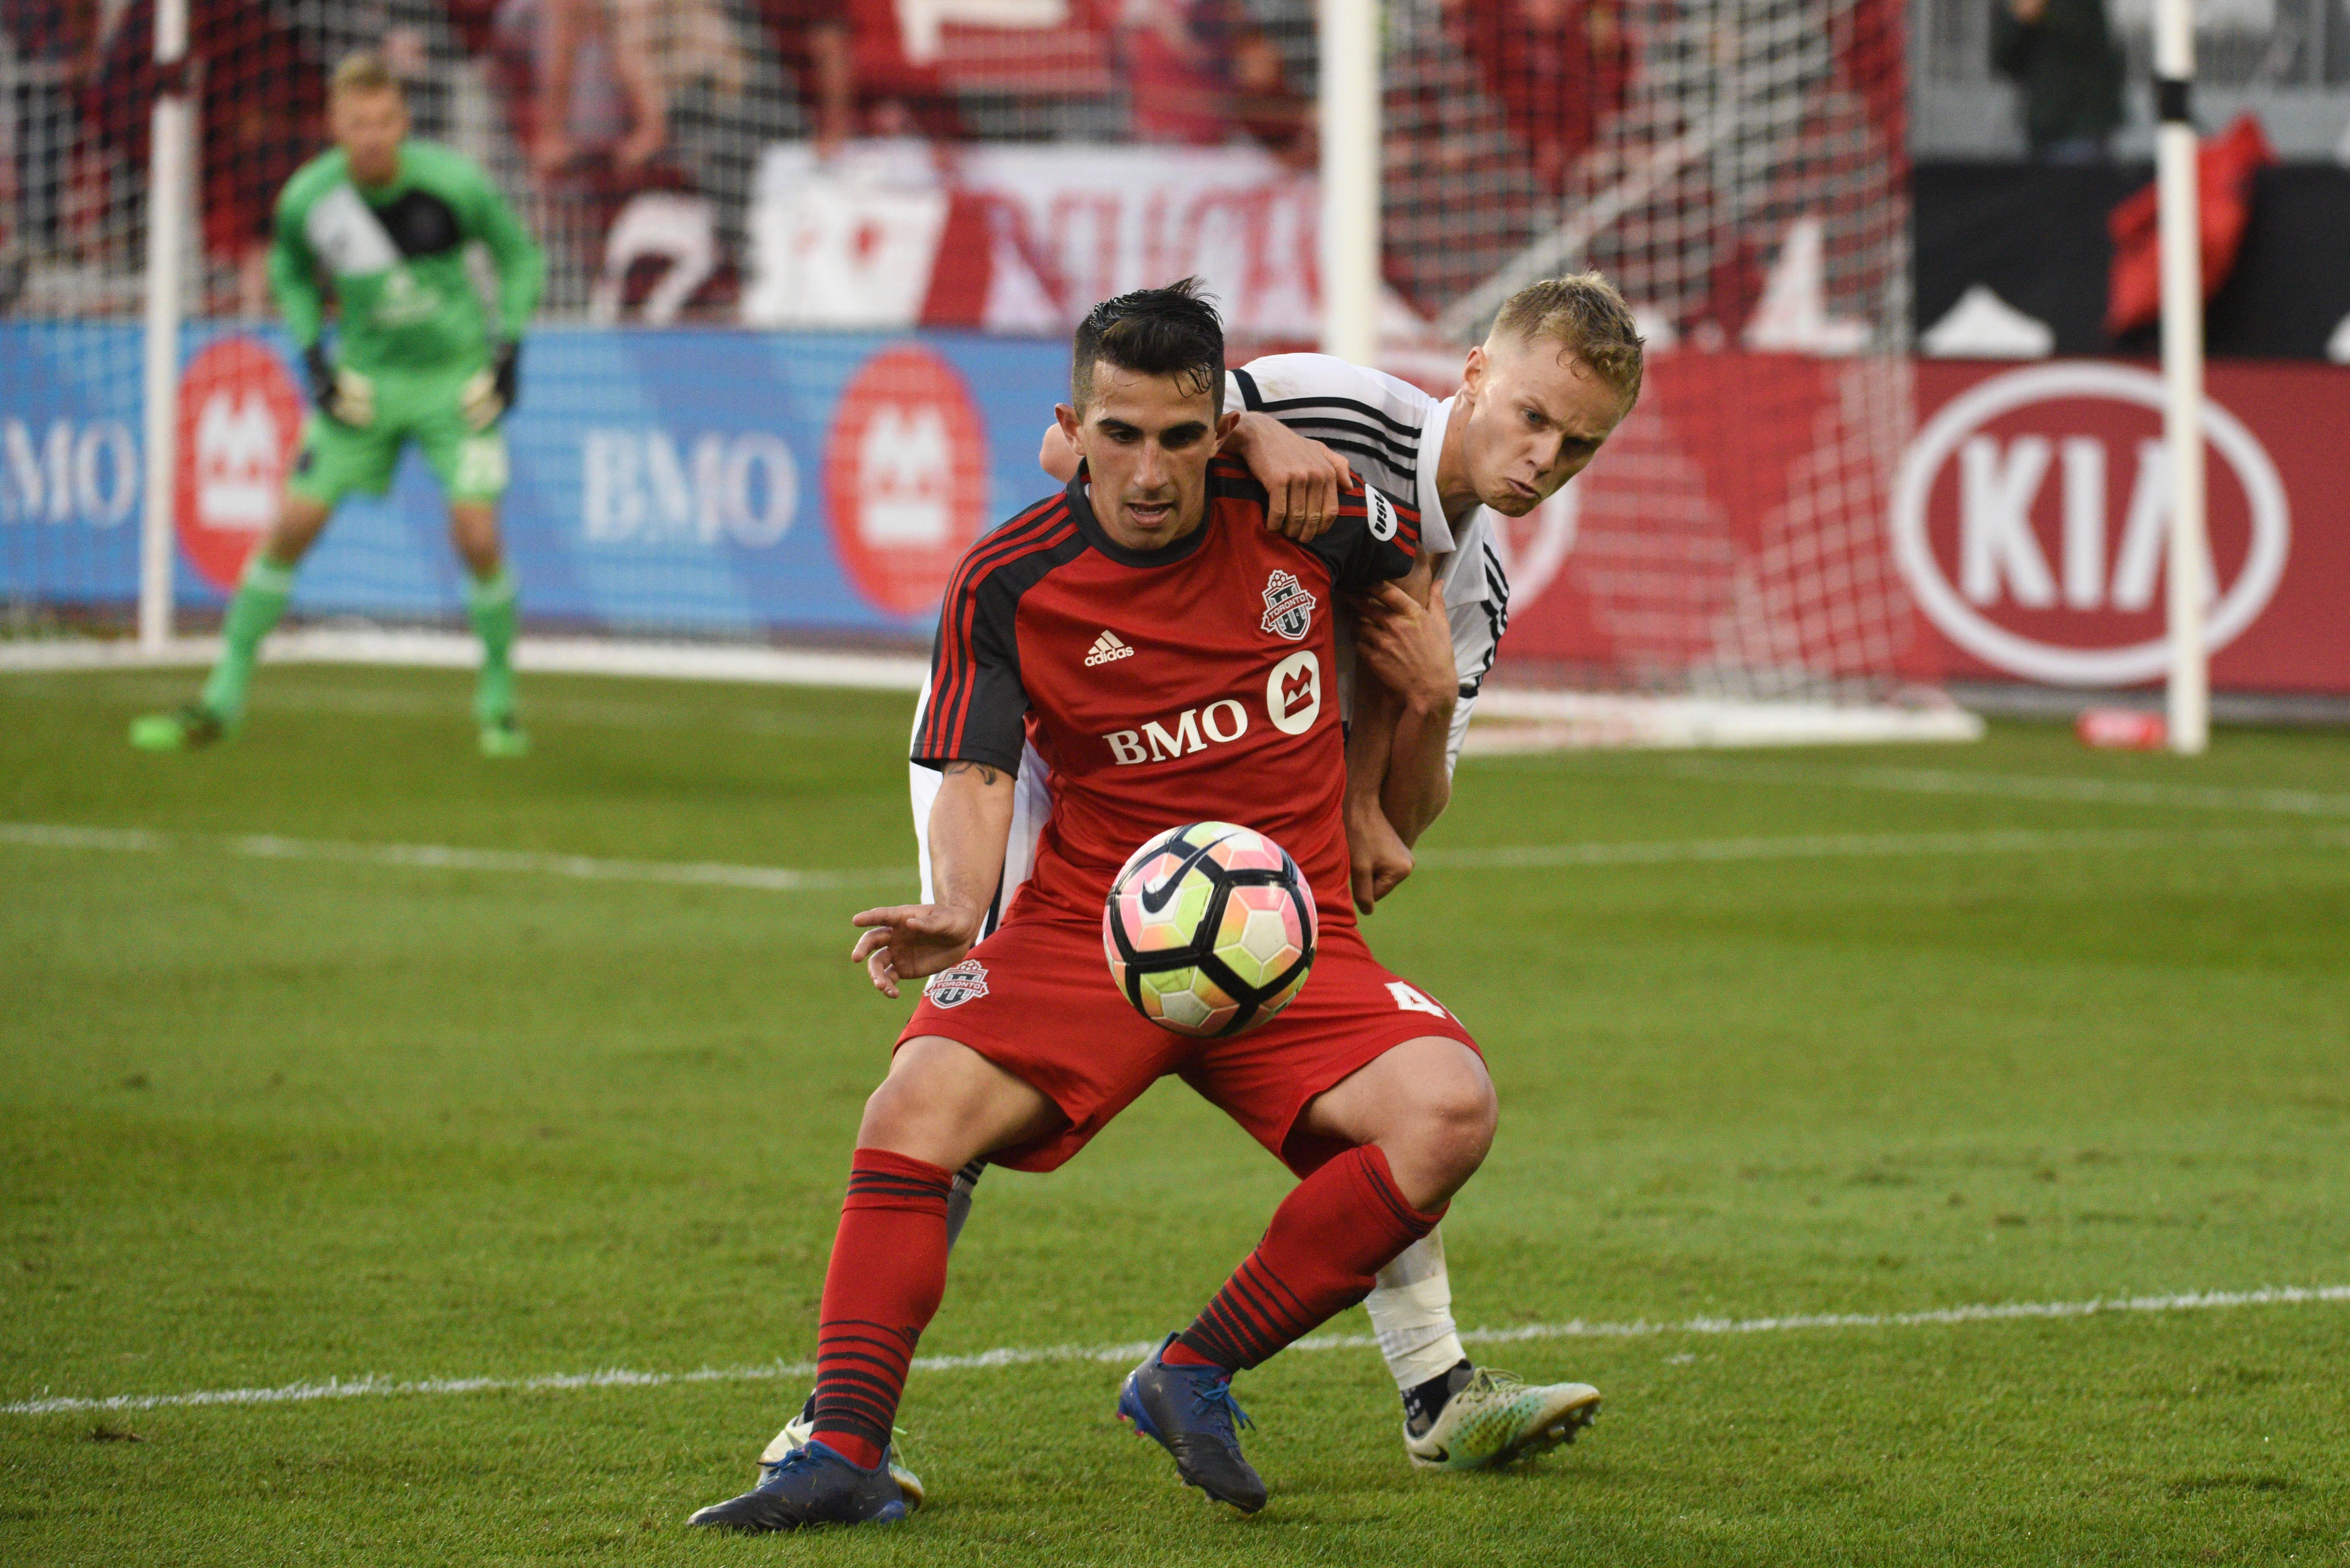 USL pic - TFCII's Uccello holds off Bethlehem Steel defender